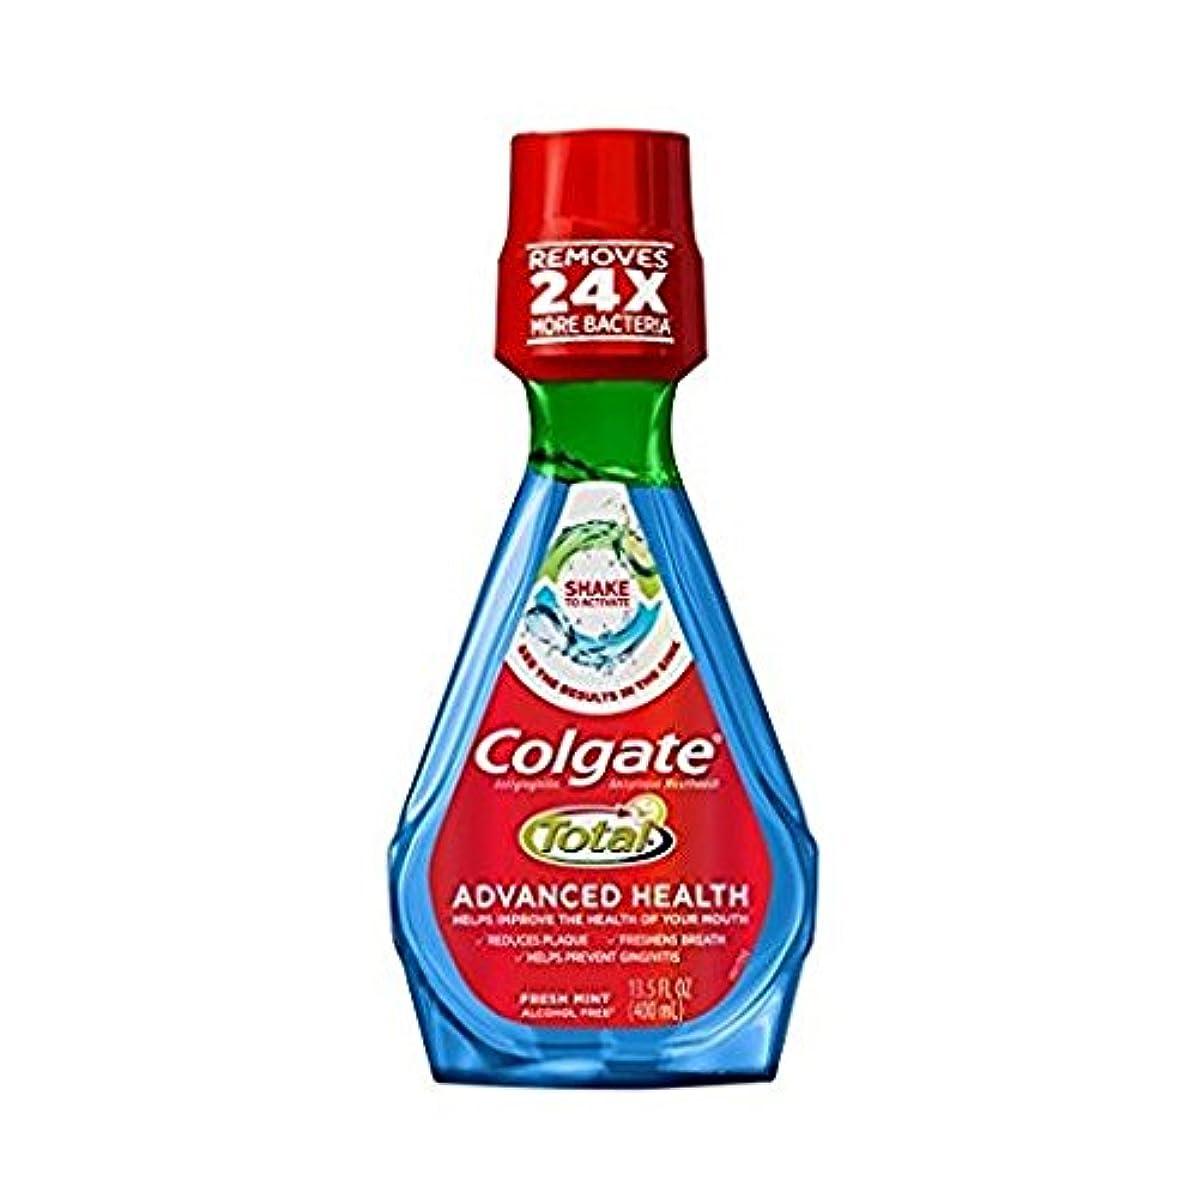 Colgate 総高度な健康抗歯垢Antiqingivitisうがい薬、フレッシュミント、13.5液量オンス(2パック)